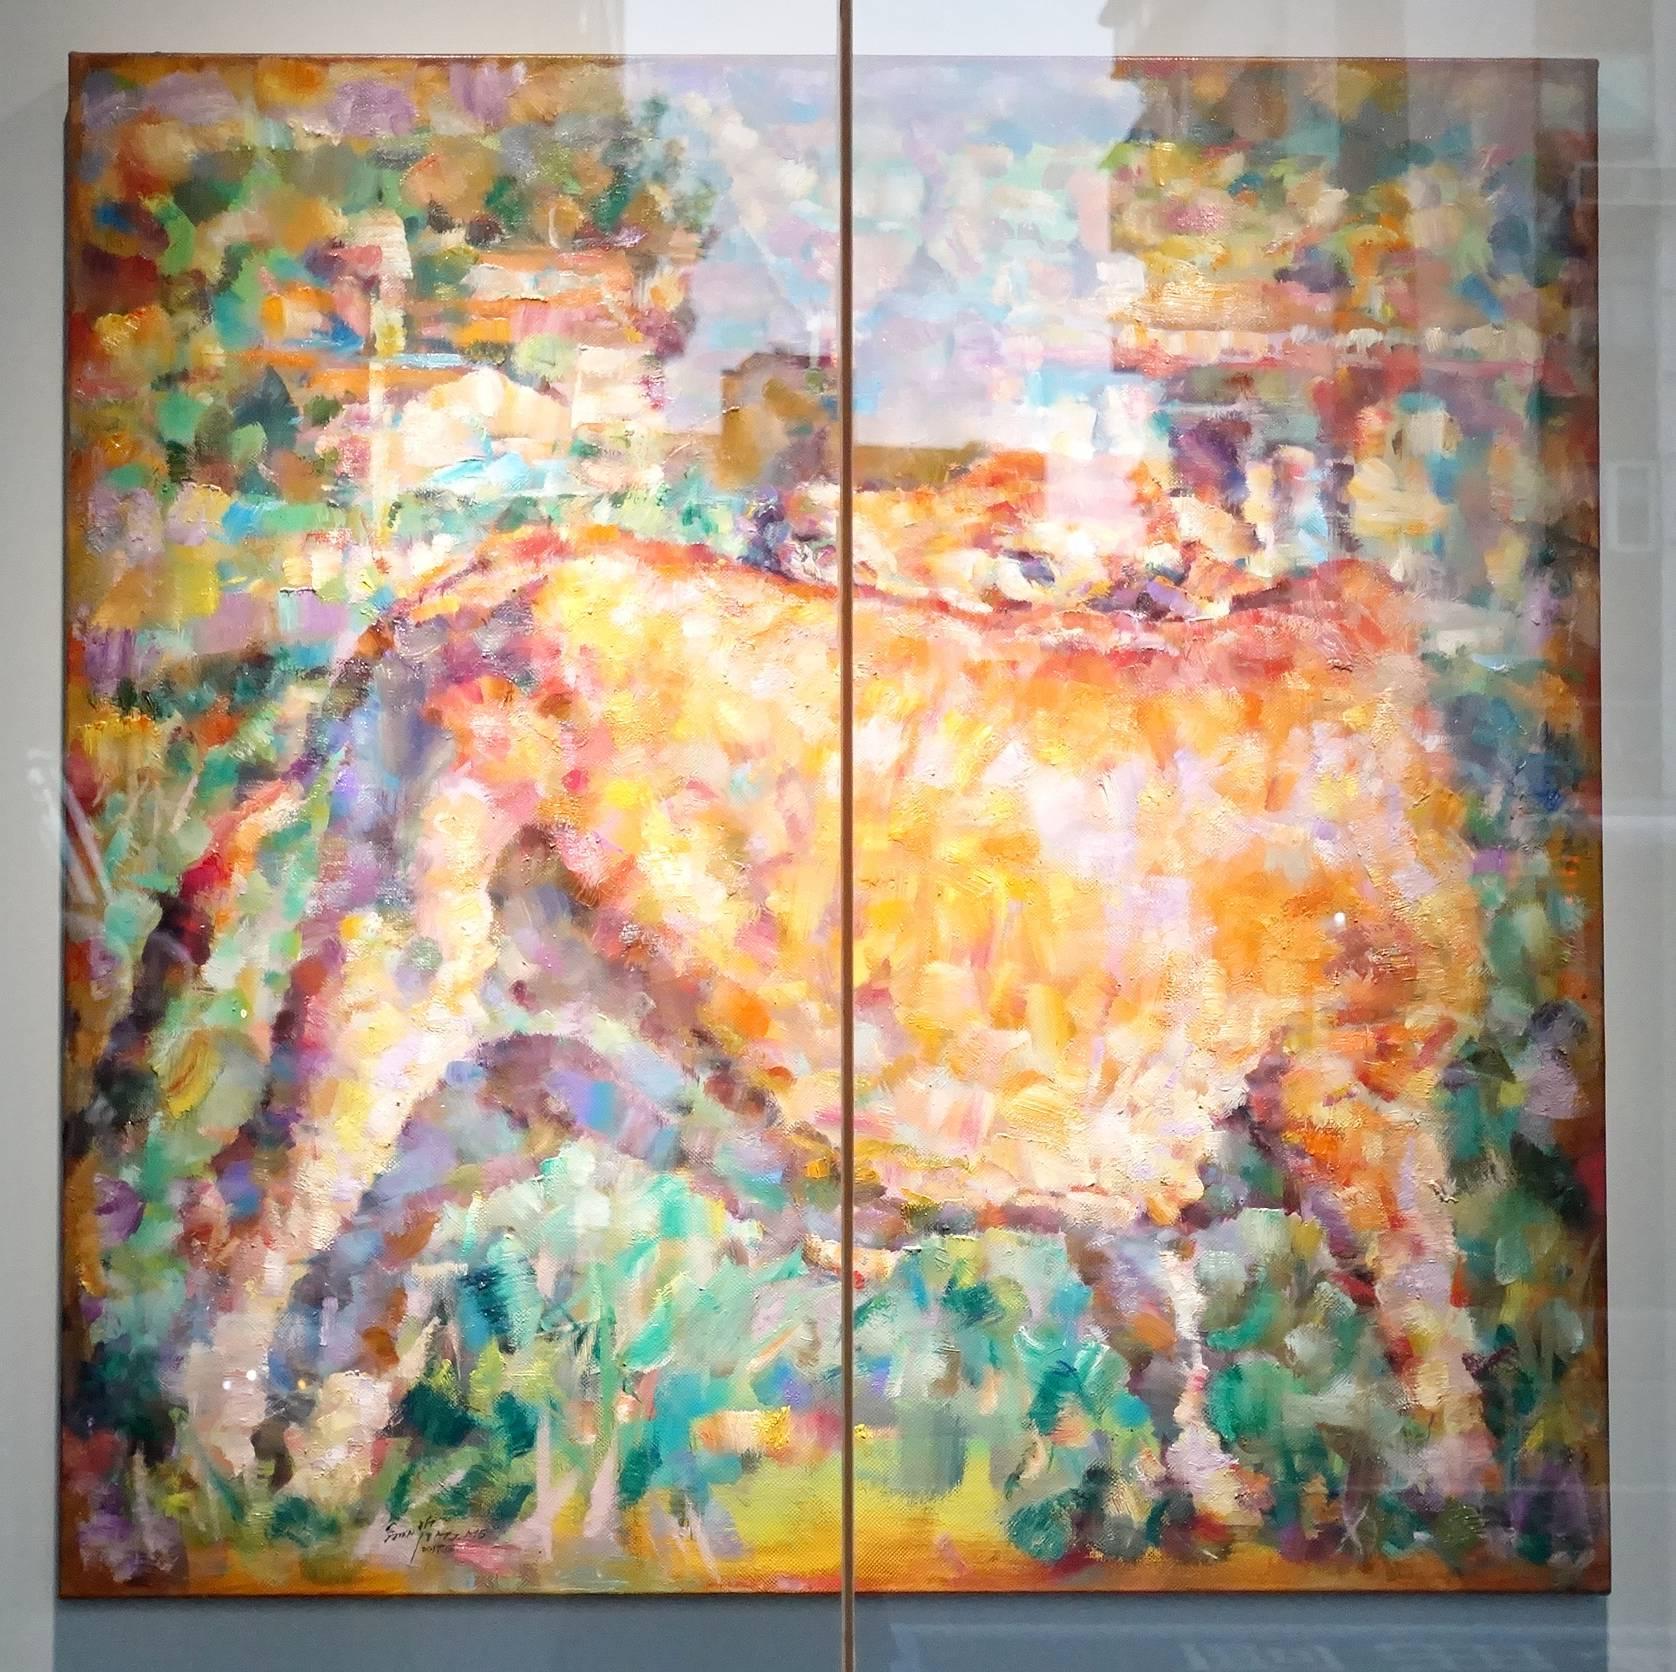 翁明哲作品《黃牛的回眸》,2017年。